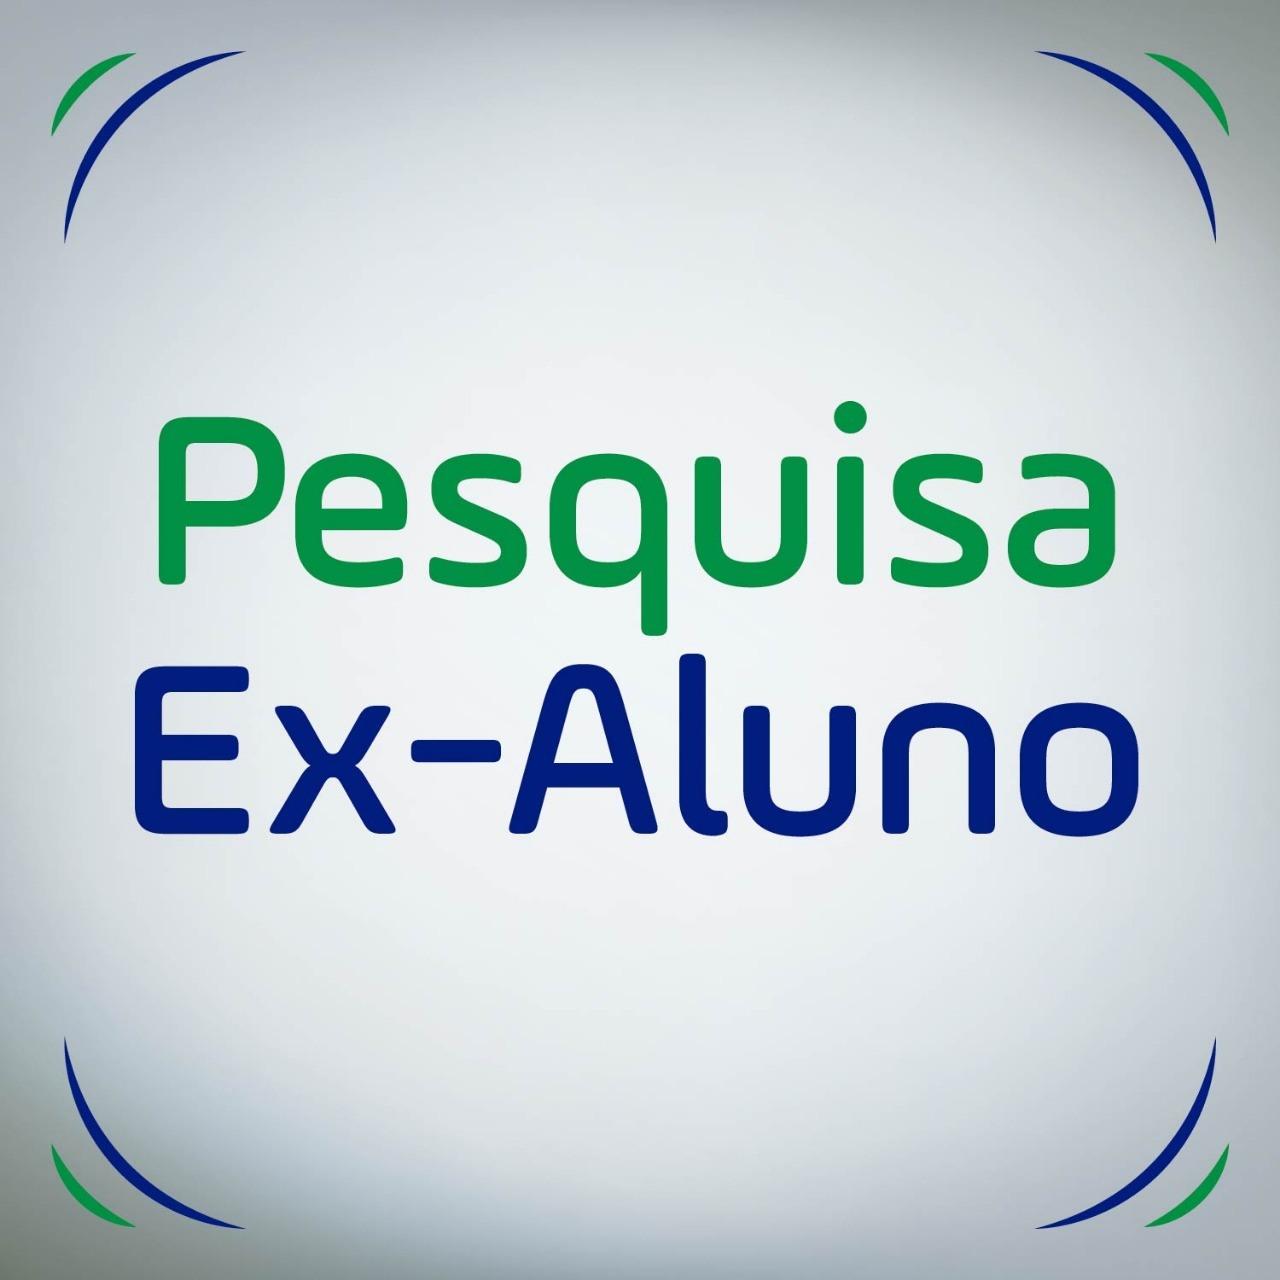 Pesquisa EX-Aluno